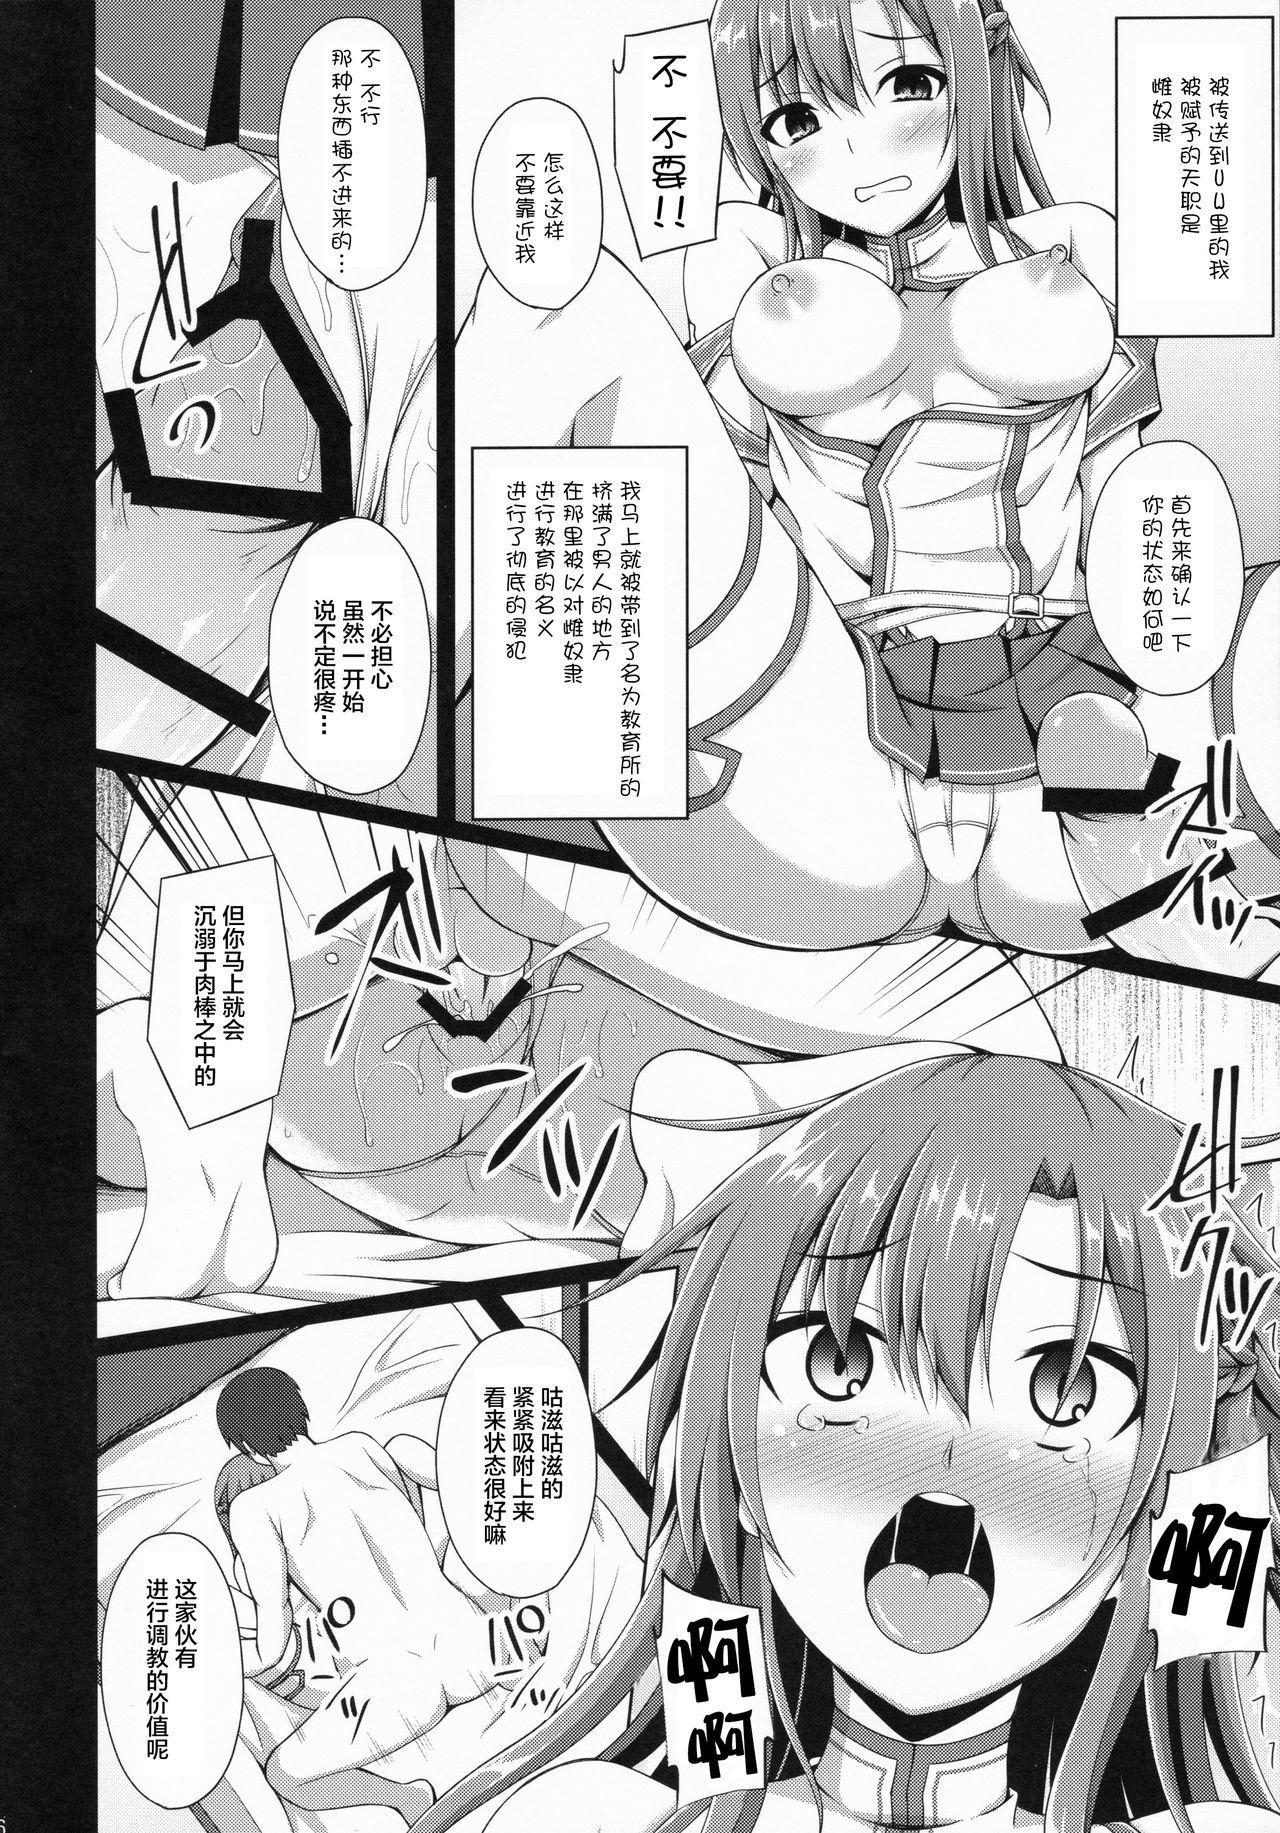 Ore no Ai shita Kanojo wa mou Inai... 4